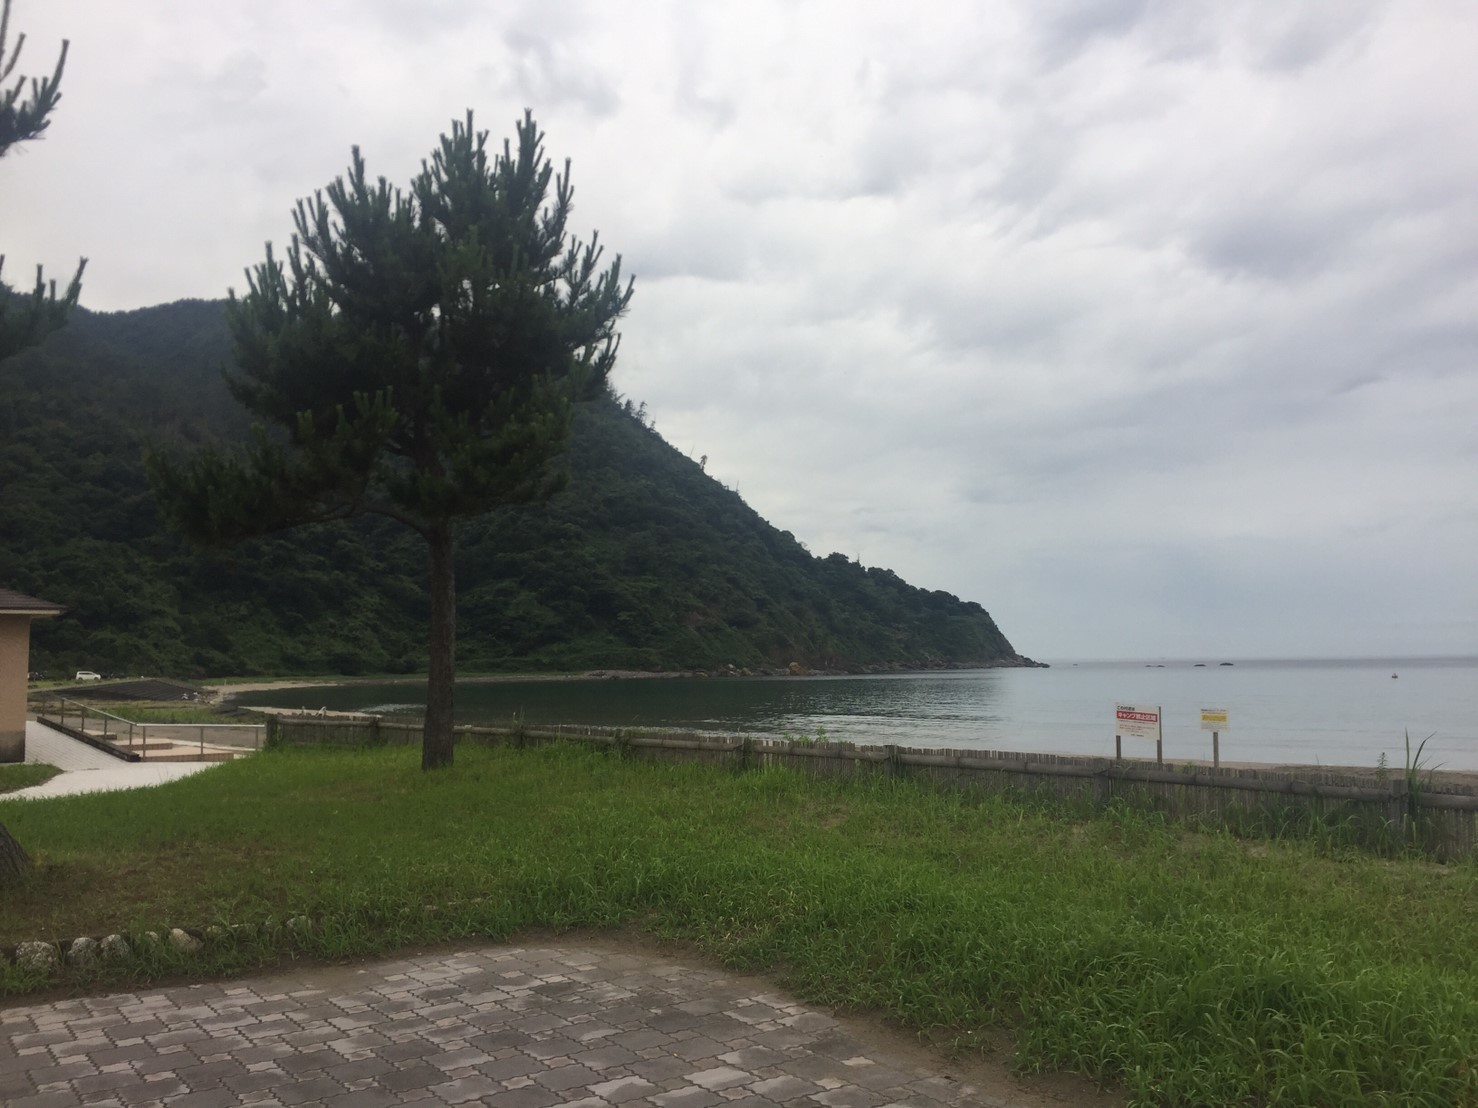 サーフィン部BBQ @大谷海岸_e0115904_07154750.jpg